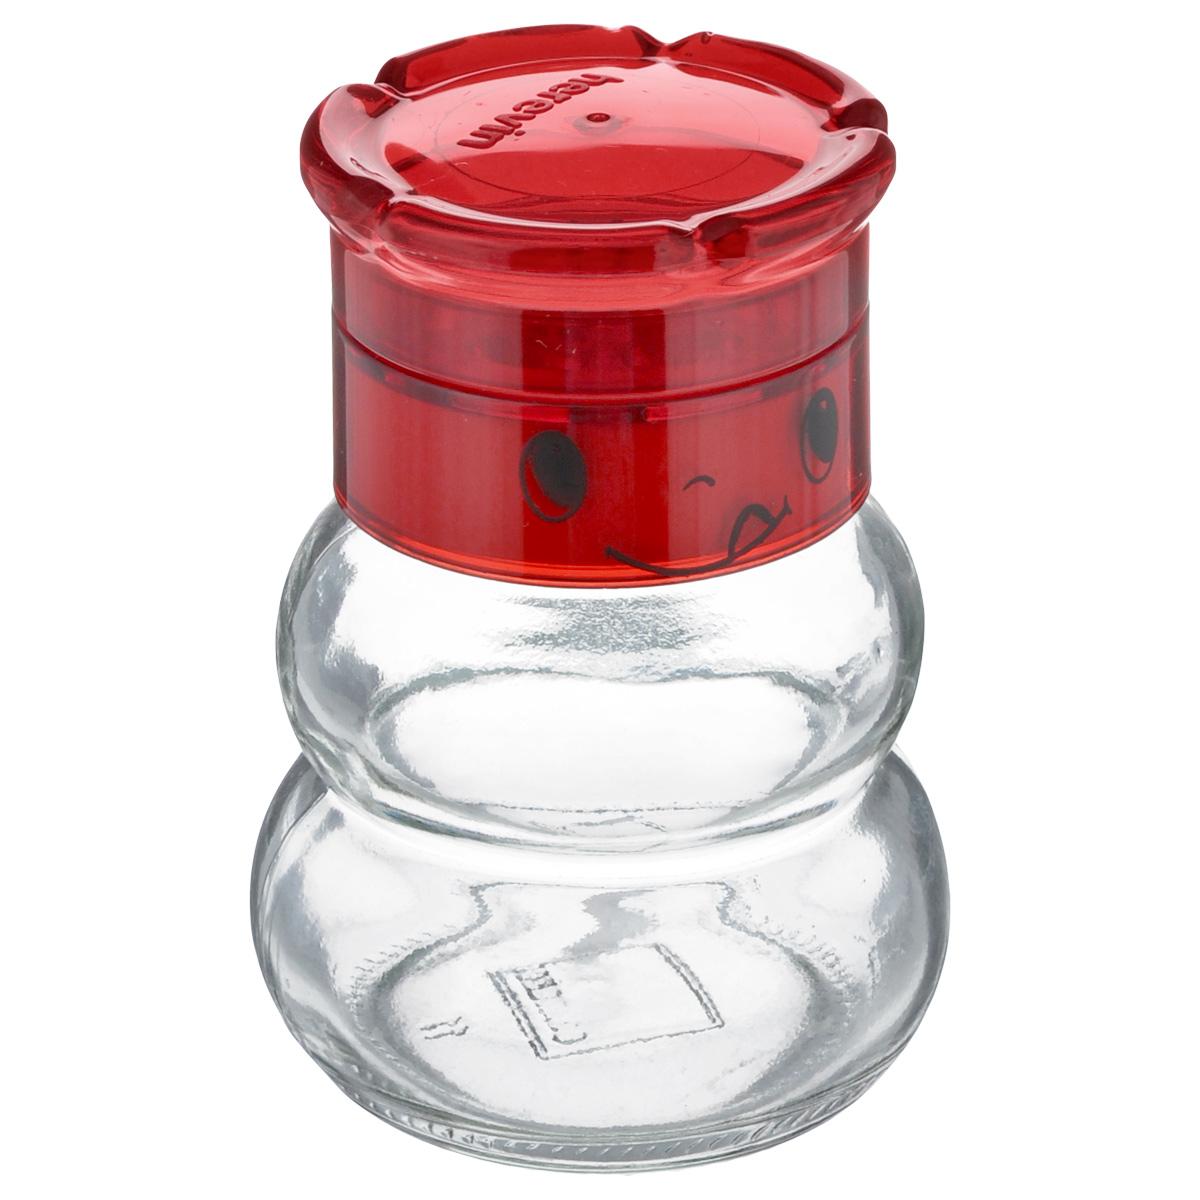 Перцемолка Solmazer, цвет: прозрачный, красный, 200 млFD-59Перцемолка Solmazer предназначена для помола перца и других специй. Изделие, выполненное из стекла и прочного пластика, идеально подходит для сервировки стола. Перцемолка Solmazer добавит вашим блюдам яркие вкусовые краски. Созданная из высококачественных материалов и имеющая запатентованный и оригинальный механизм, перцемолка станет незаменимым атрибутом на вашем столе. Она удобна в использовании и имеет оригинальный современный дизайн, который станет ярким акцентом в интерьере вашей кухни.Диаметр основания: 6 см. Высота: 10 см.Объем: 200 мл.